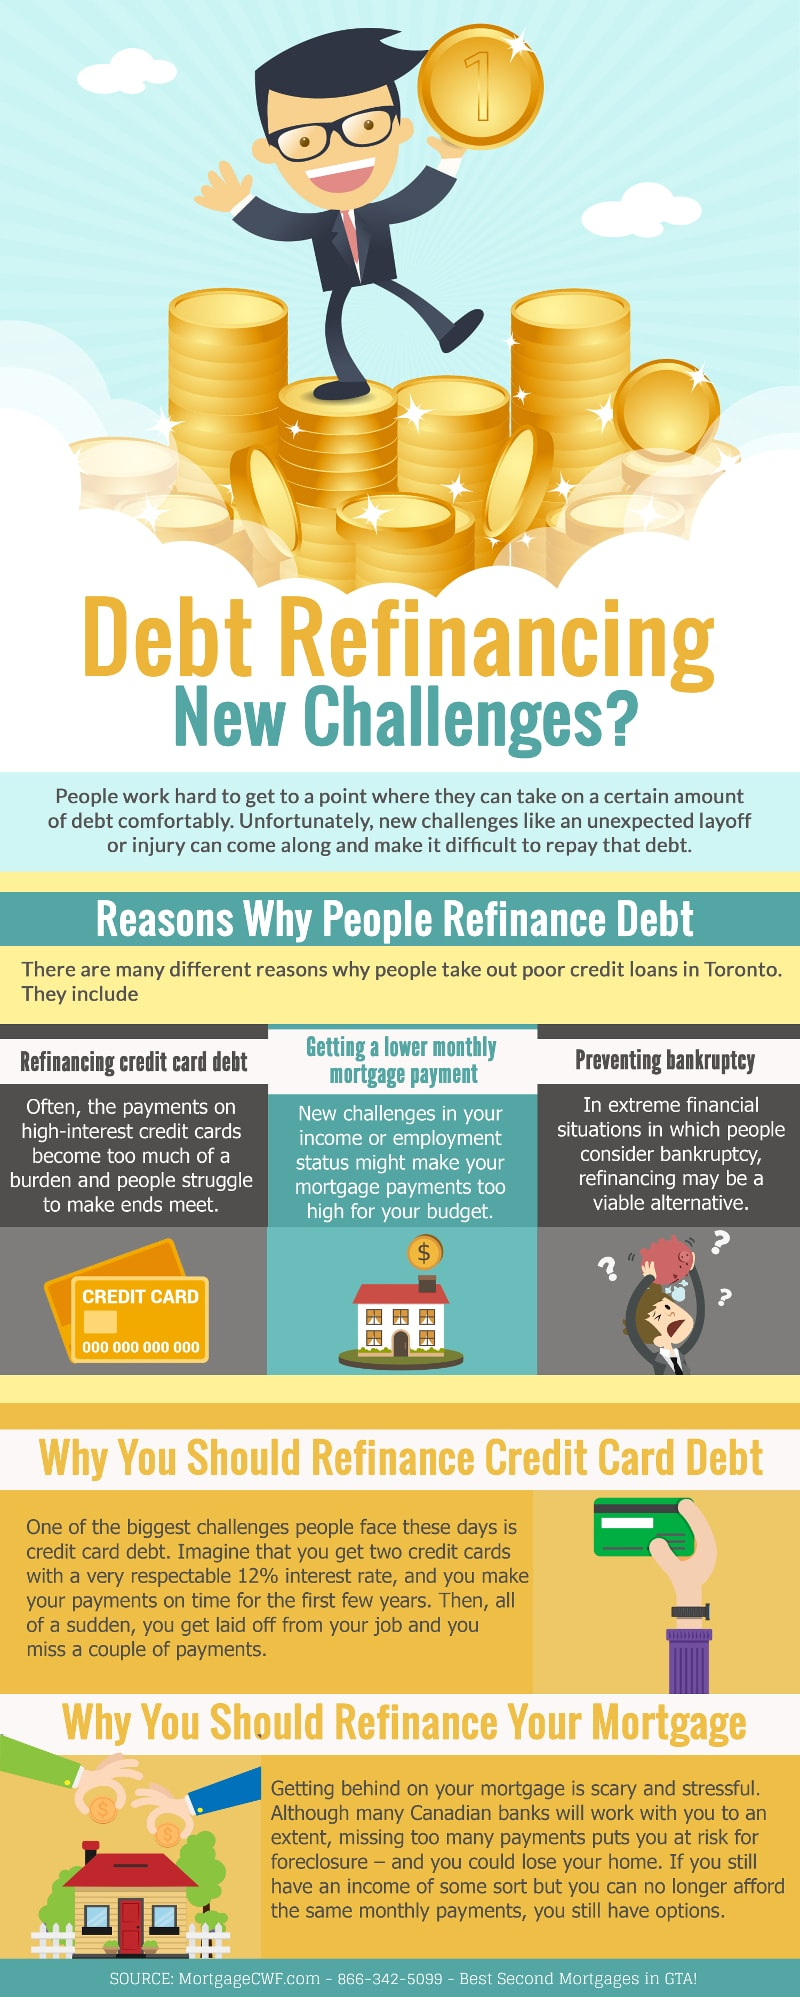 Debt Refinancing: New Challenges?